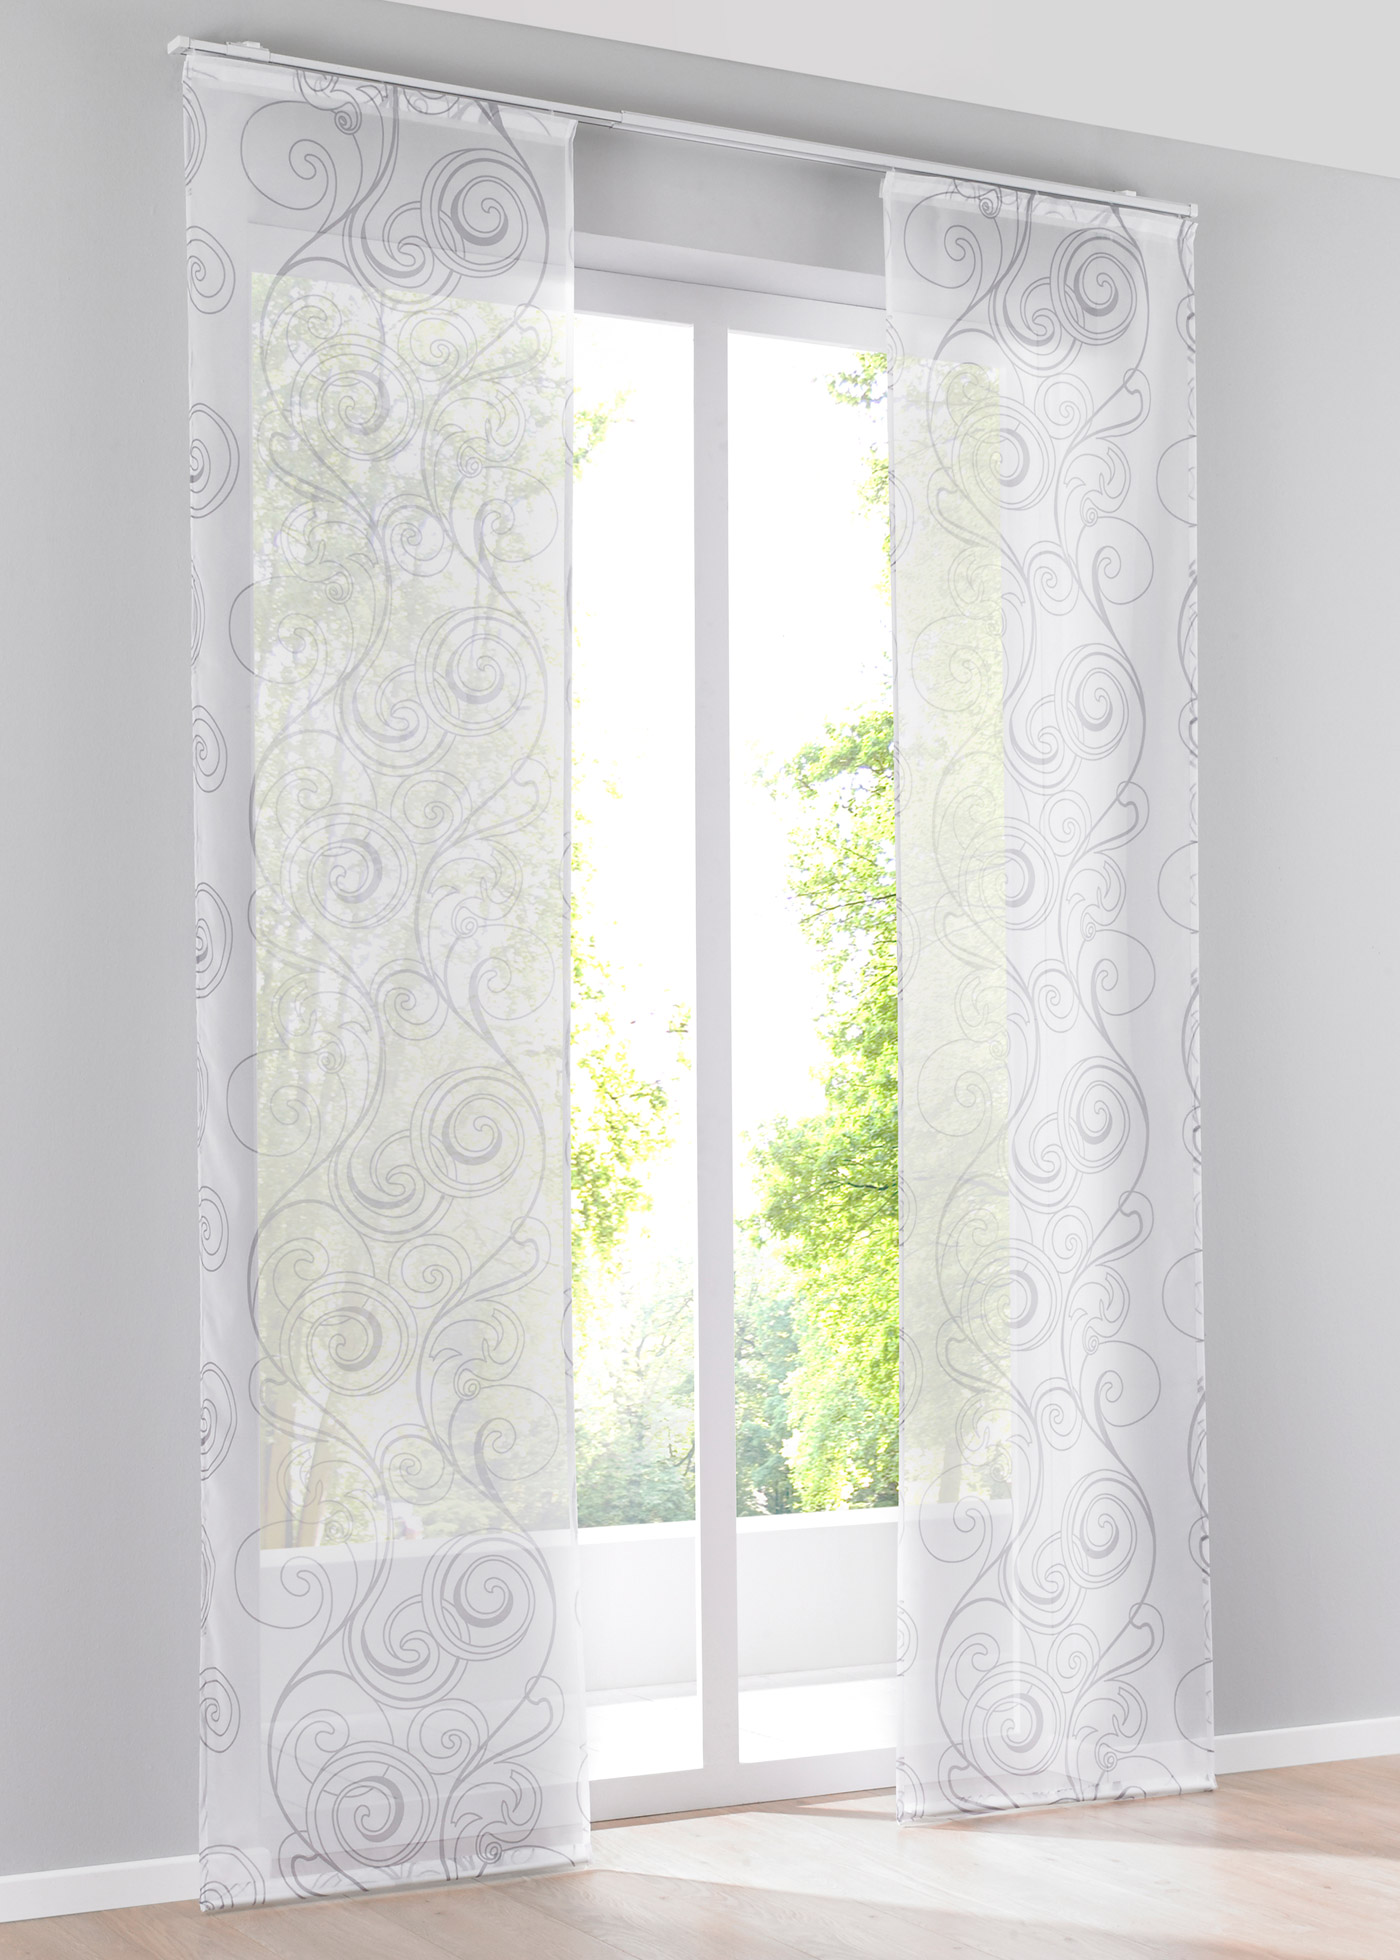 gardinen deko gardinen auf rechnung kaufen gardinen. Black Bedroom Furniture Sets. Home Design Ideas